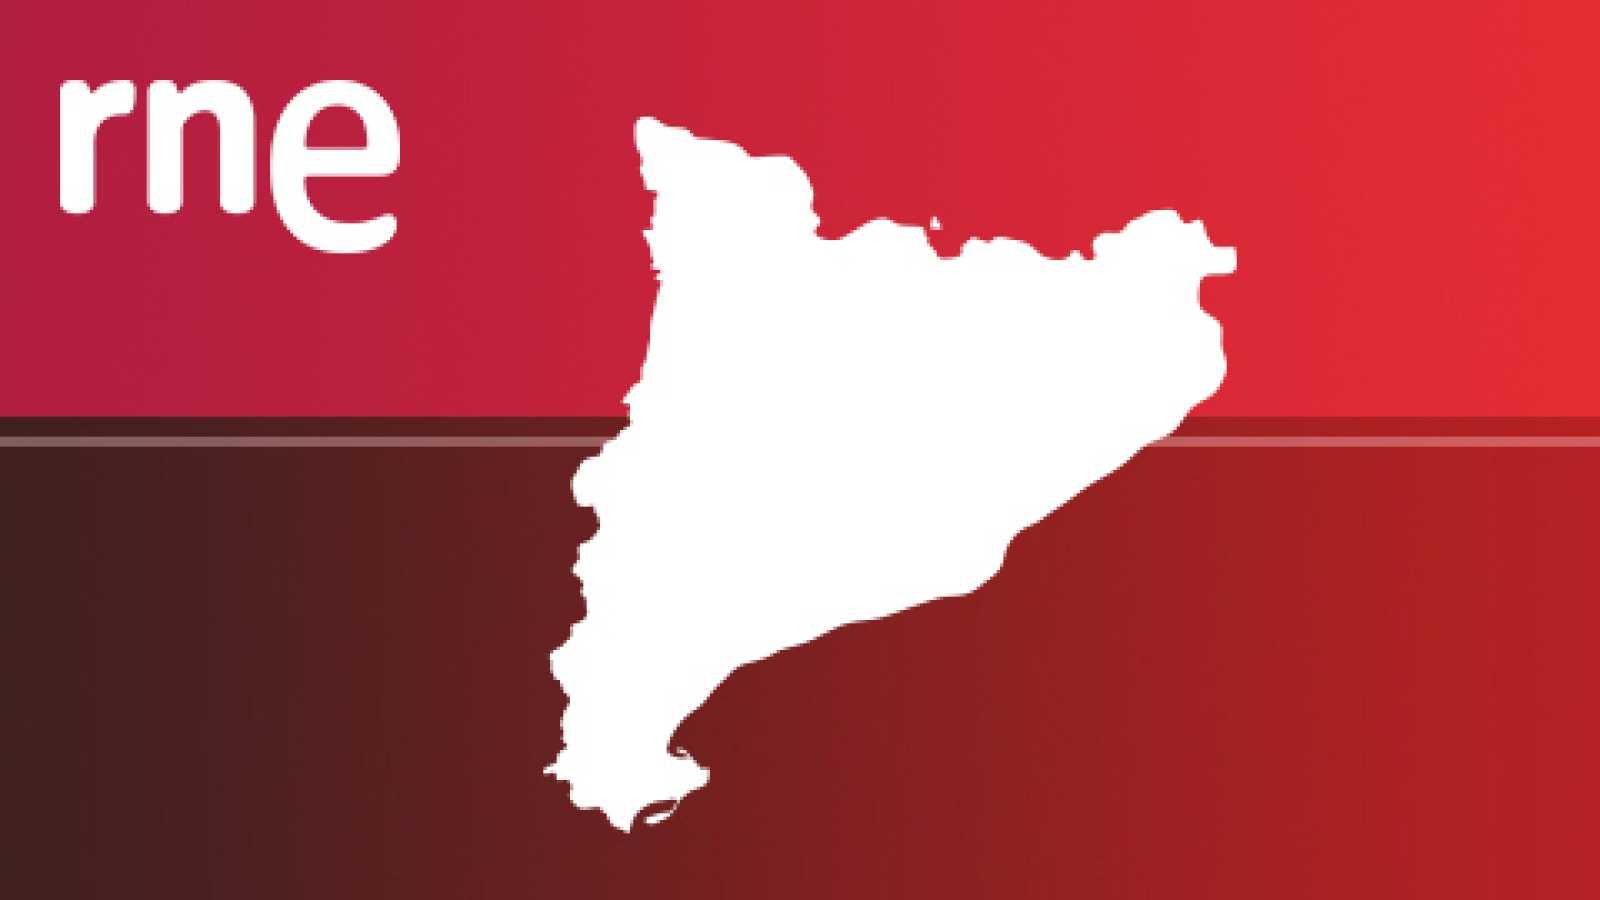 Edició Matí Barcelona 3 abril 2018: Barcelona, la ciutat on més s'encareix l'Habitatge.